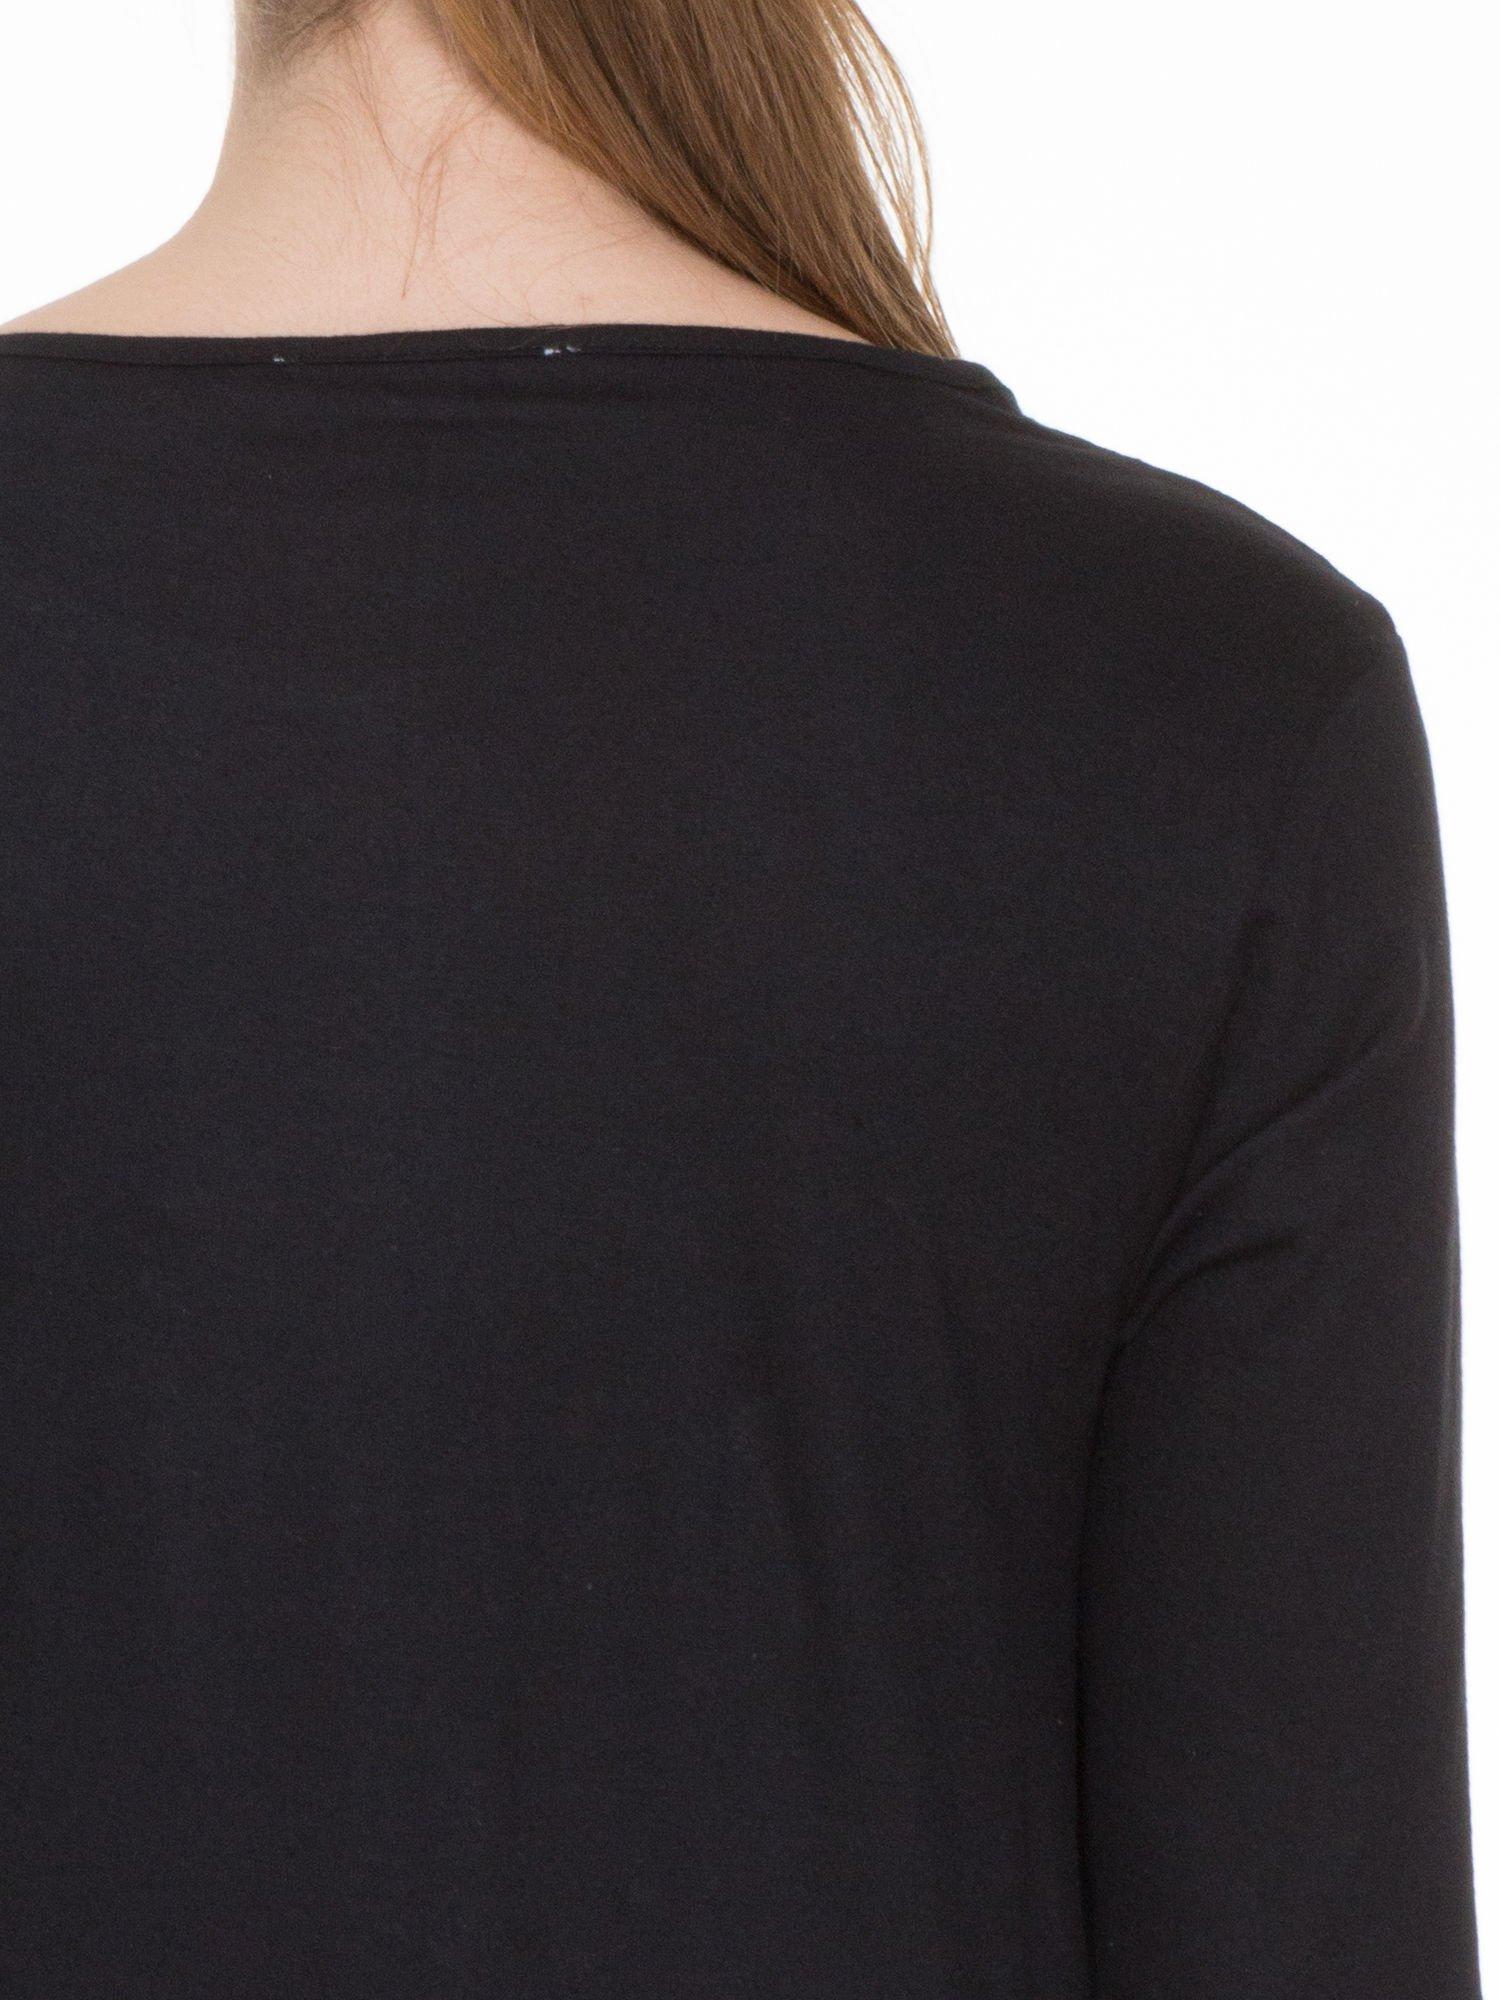 Czarna gładka bluzka z rękawem 3/4                                  zdj.                                  5